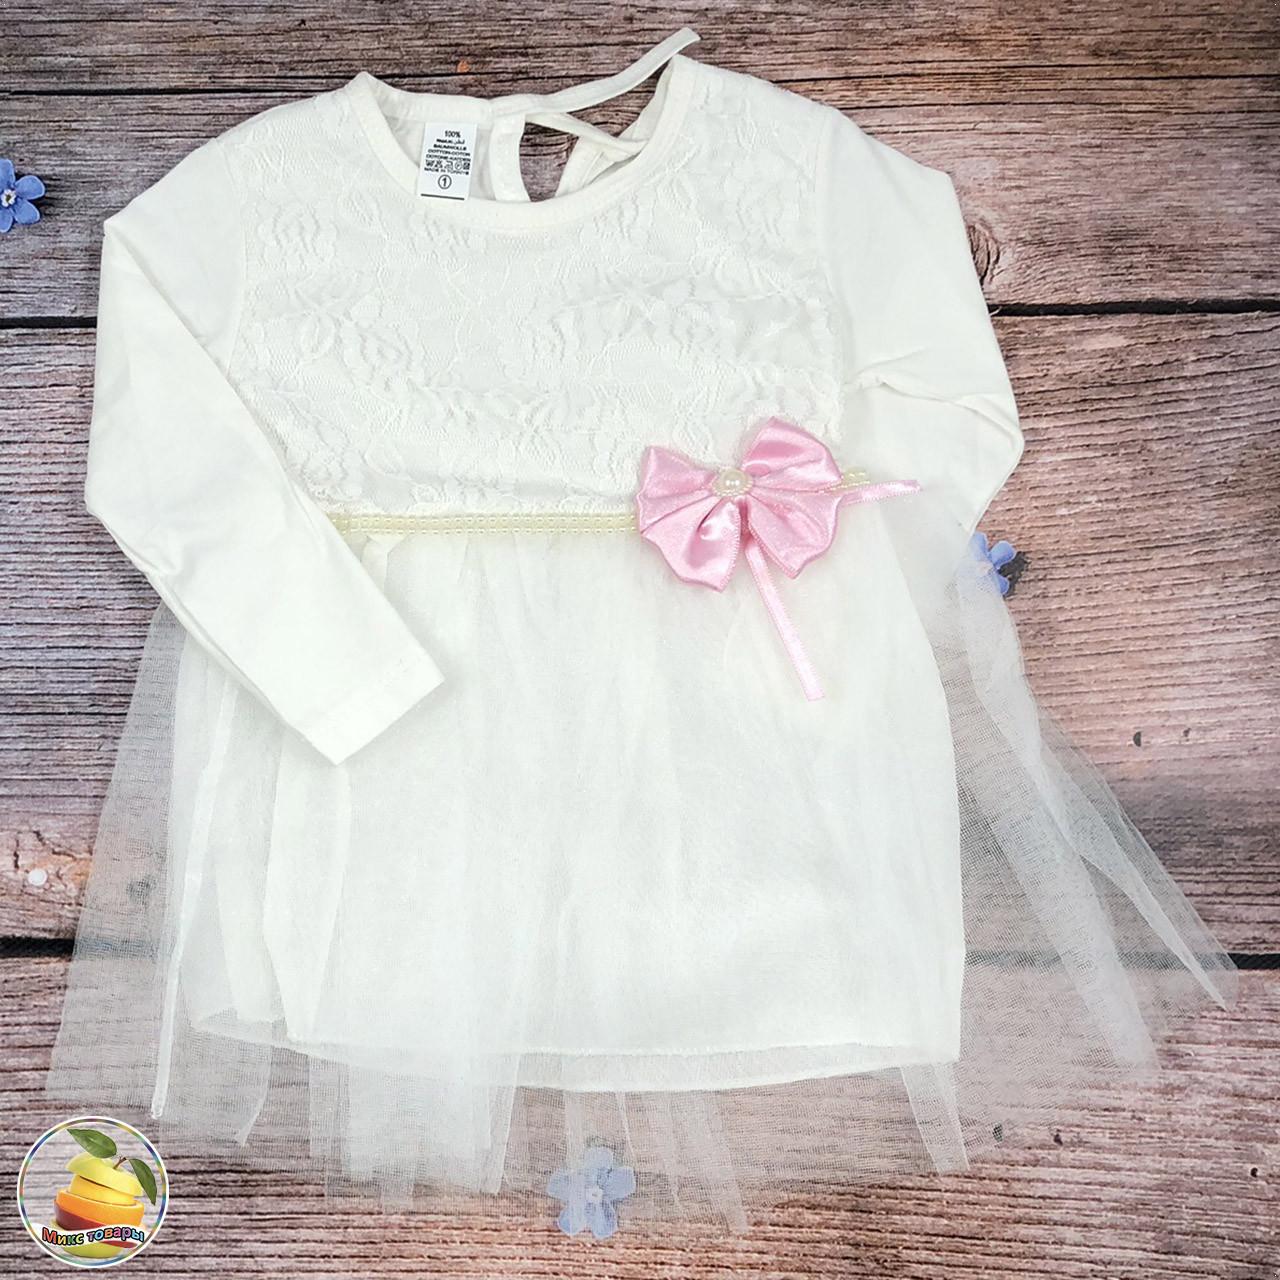 Платье с розовым бантиком для маленькой девочки Размеры: 1,2,3, года (8874-1)